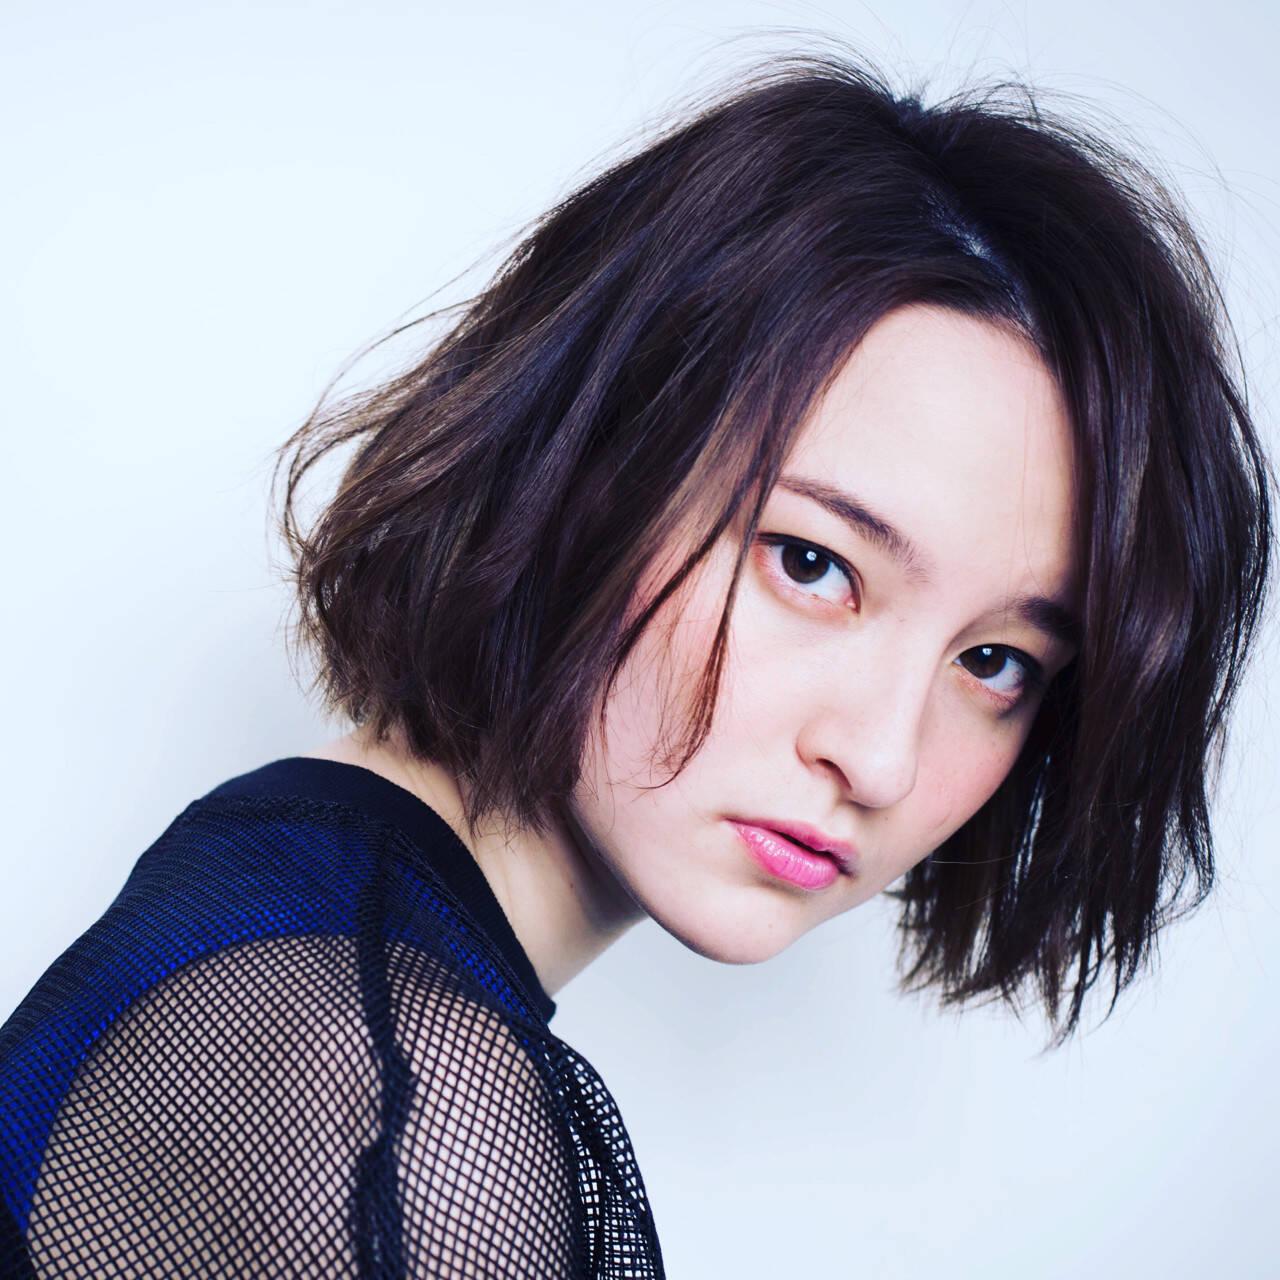 暗髪 モード かっこいい 黒髪ヘアスタイルや髪型の写真・画像